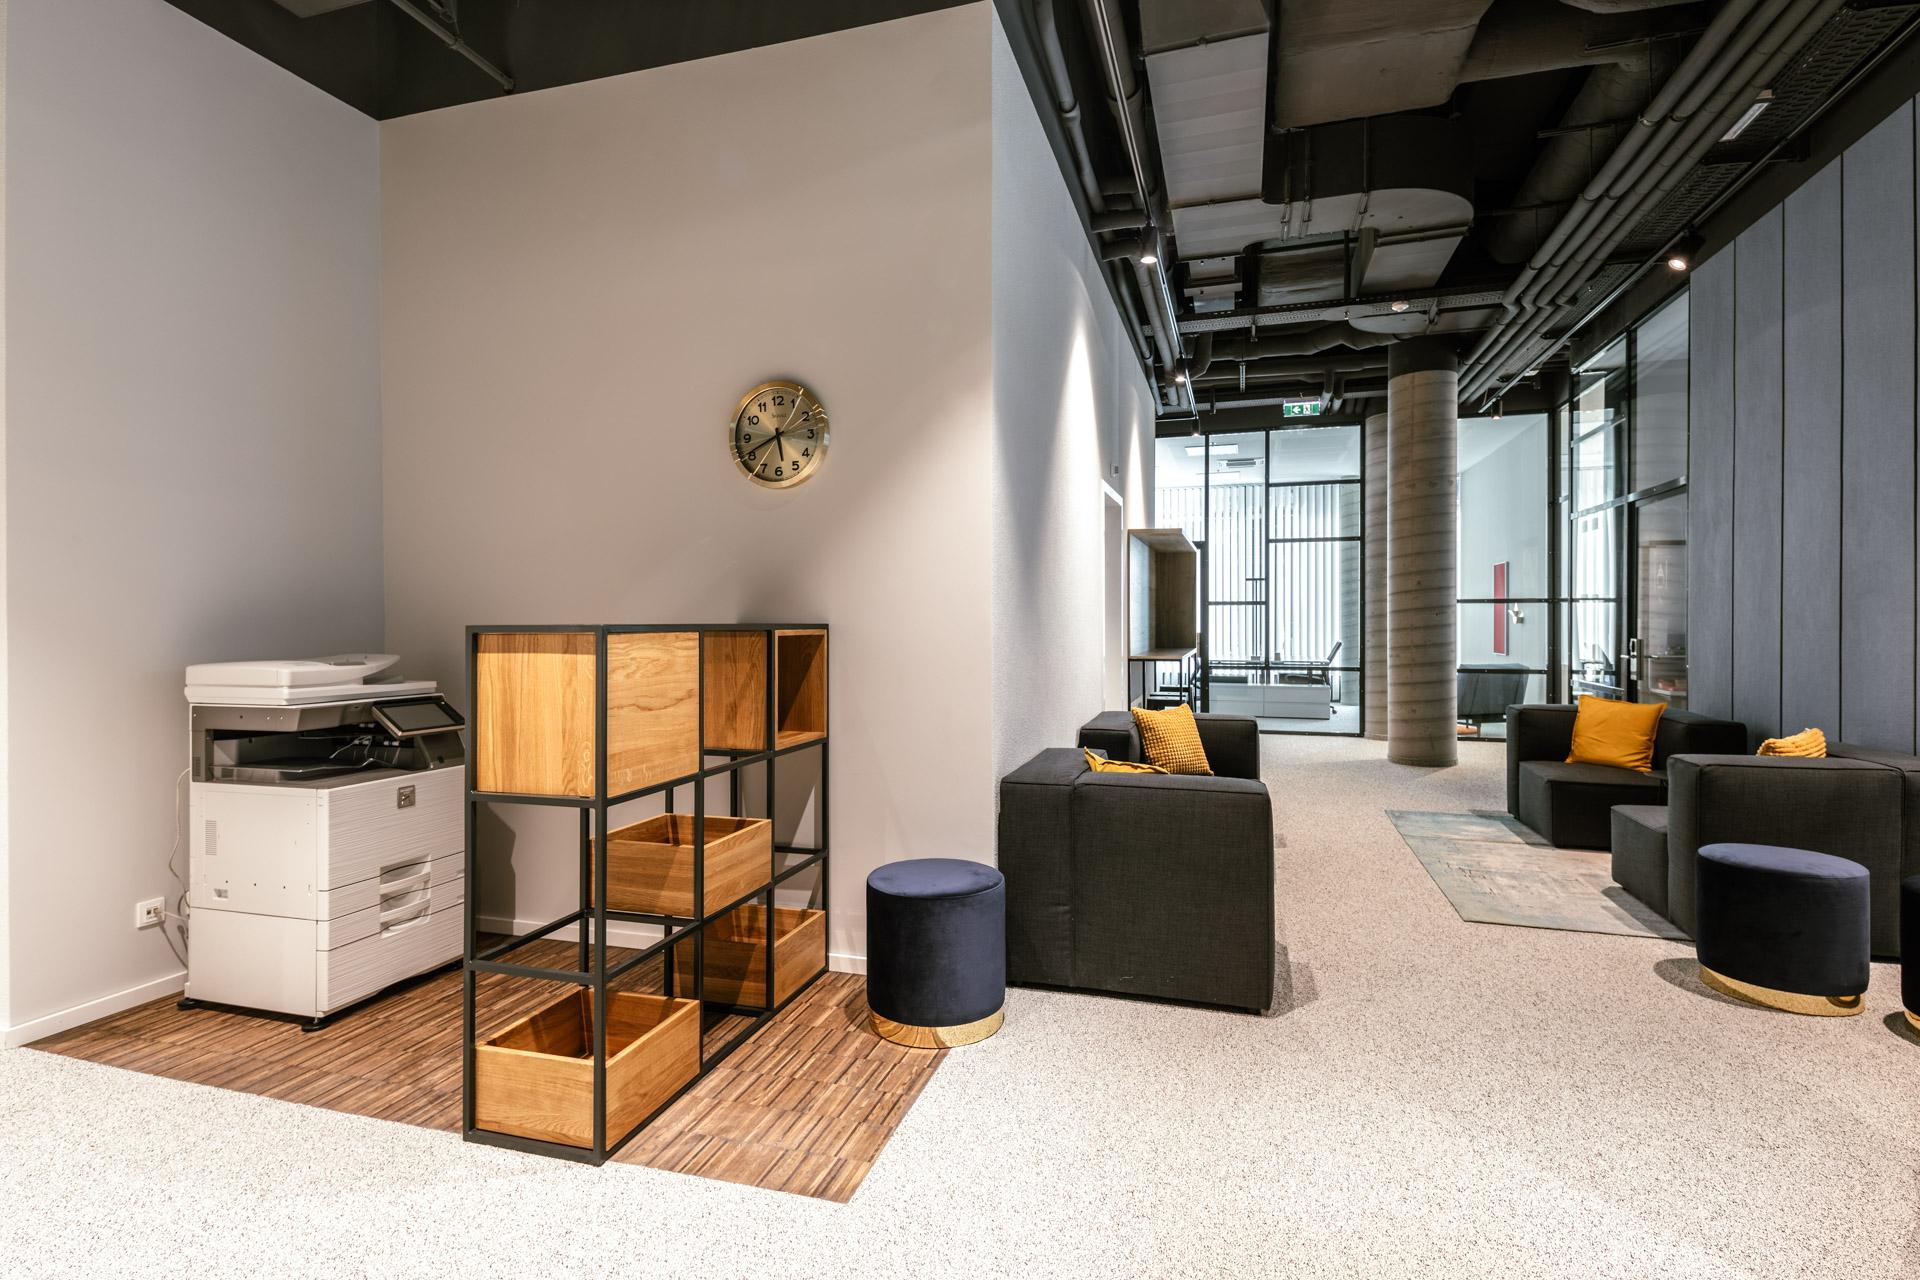 Kopierer und Sitzmöglichkeiten im New Working Space im JOYN Serviced Apartment Wien